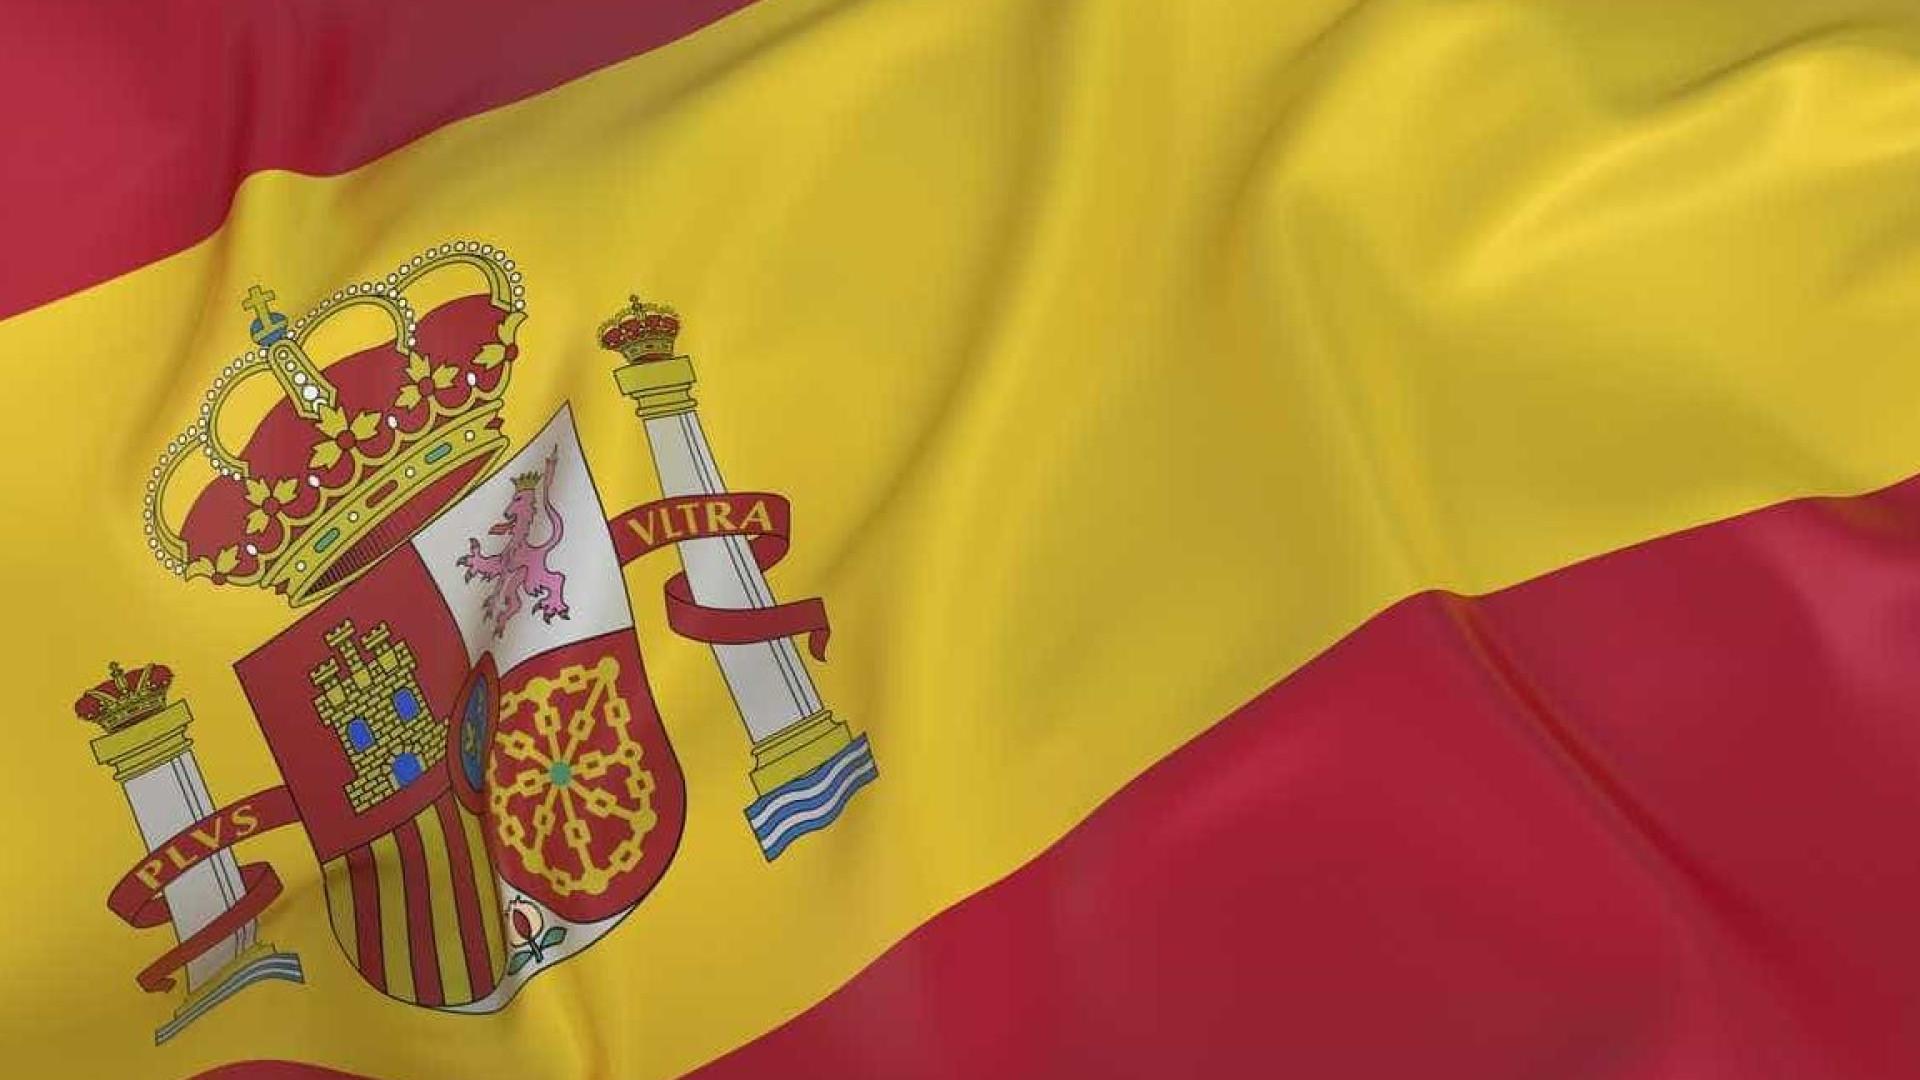 Atacado por usar suspensórios com bandeira espanhola acabou por morrer